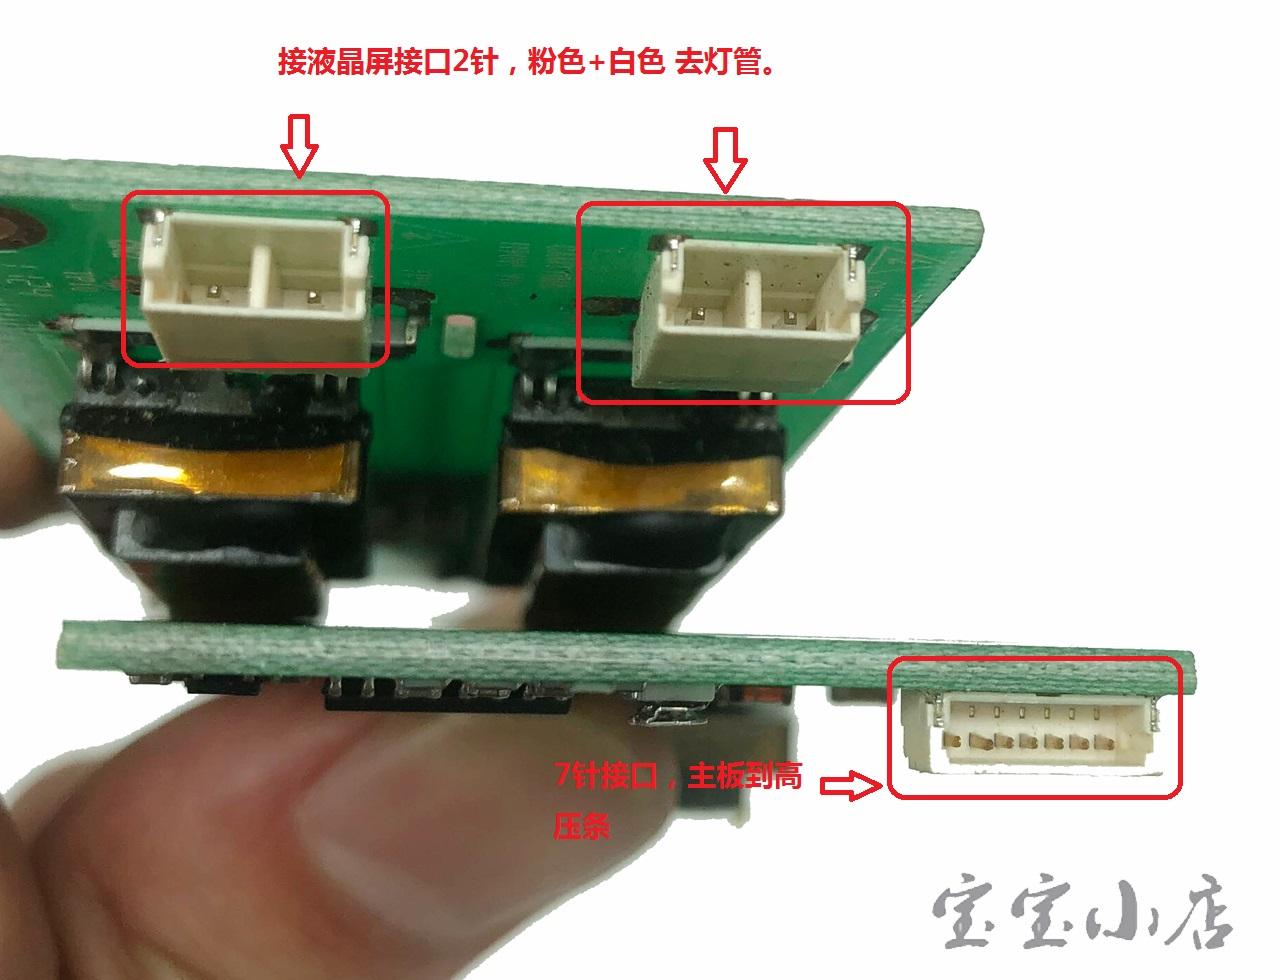 YNV-W23 6002184L-B  联想ideacentre B31r2 B31R3 B31R4 B310高压条 高压板背光M7100Z 黑屏 暗屏修理